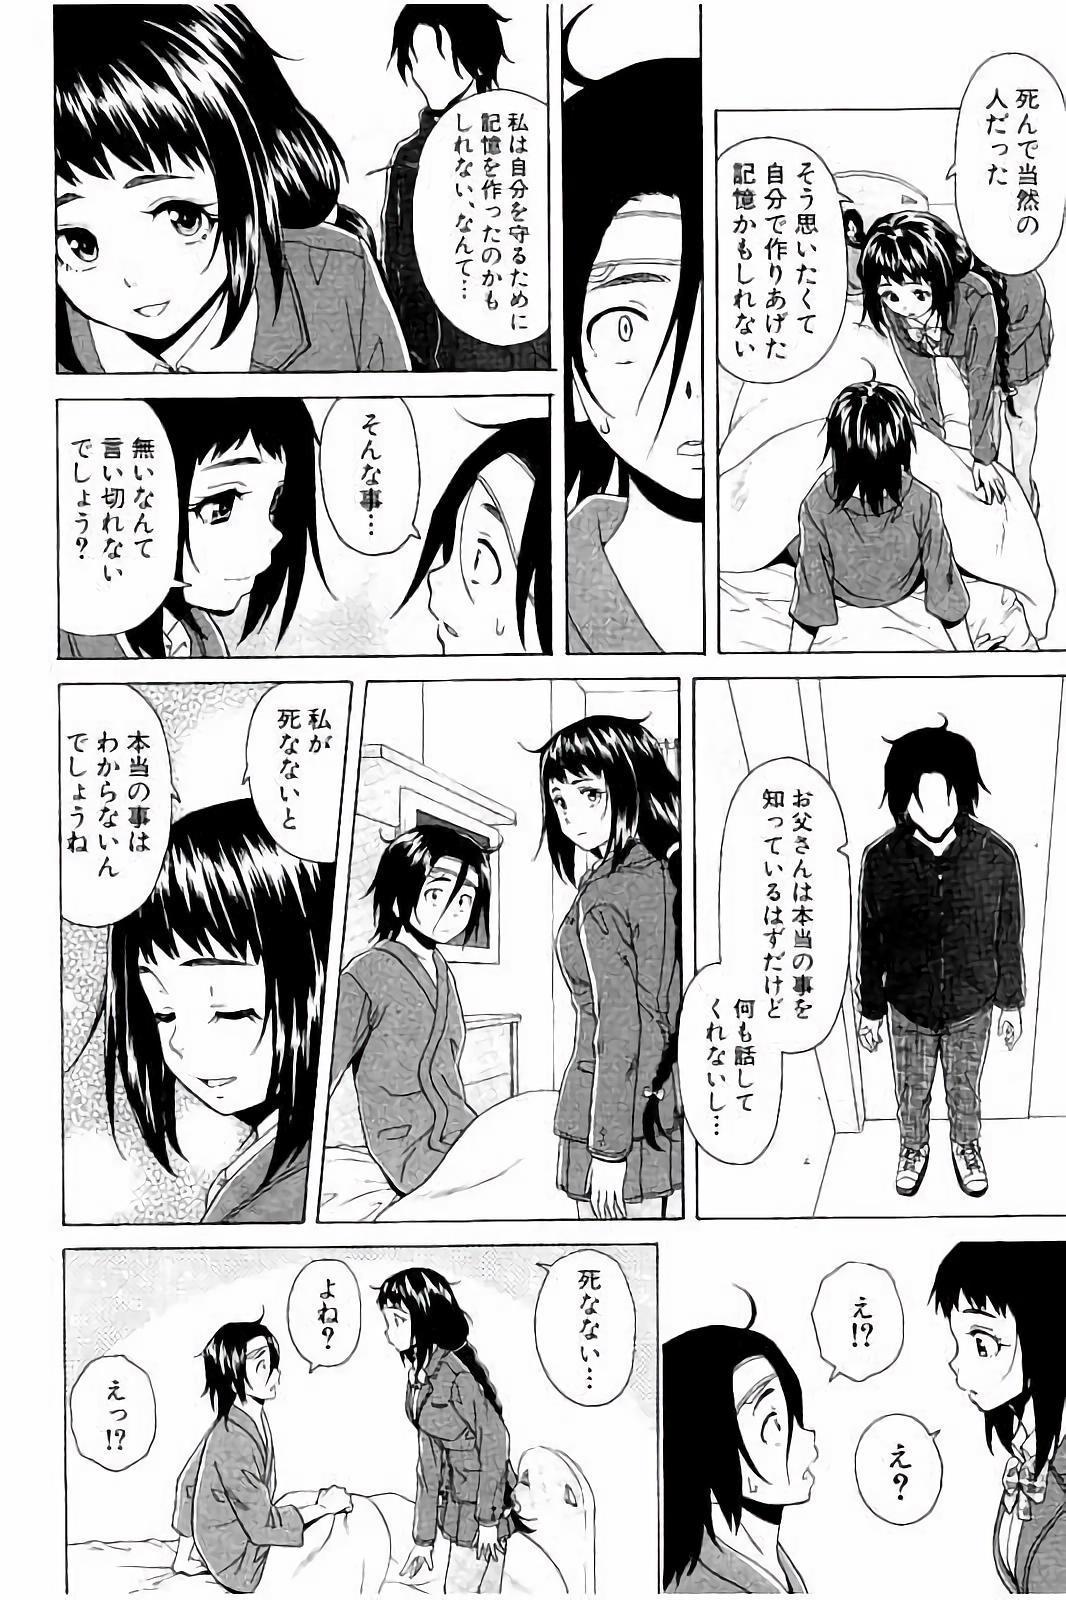 Ane no Himitsu To Boku no Jisatsu 165